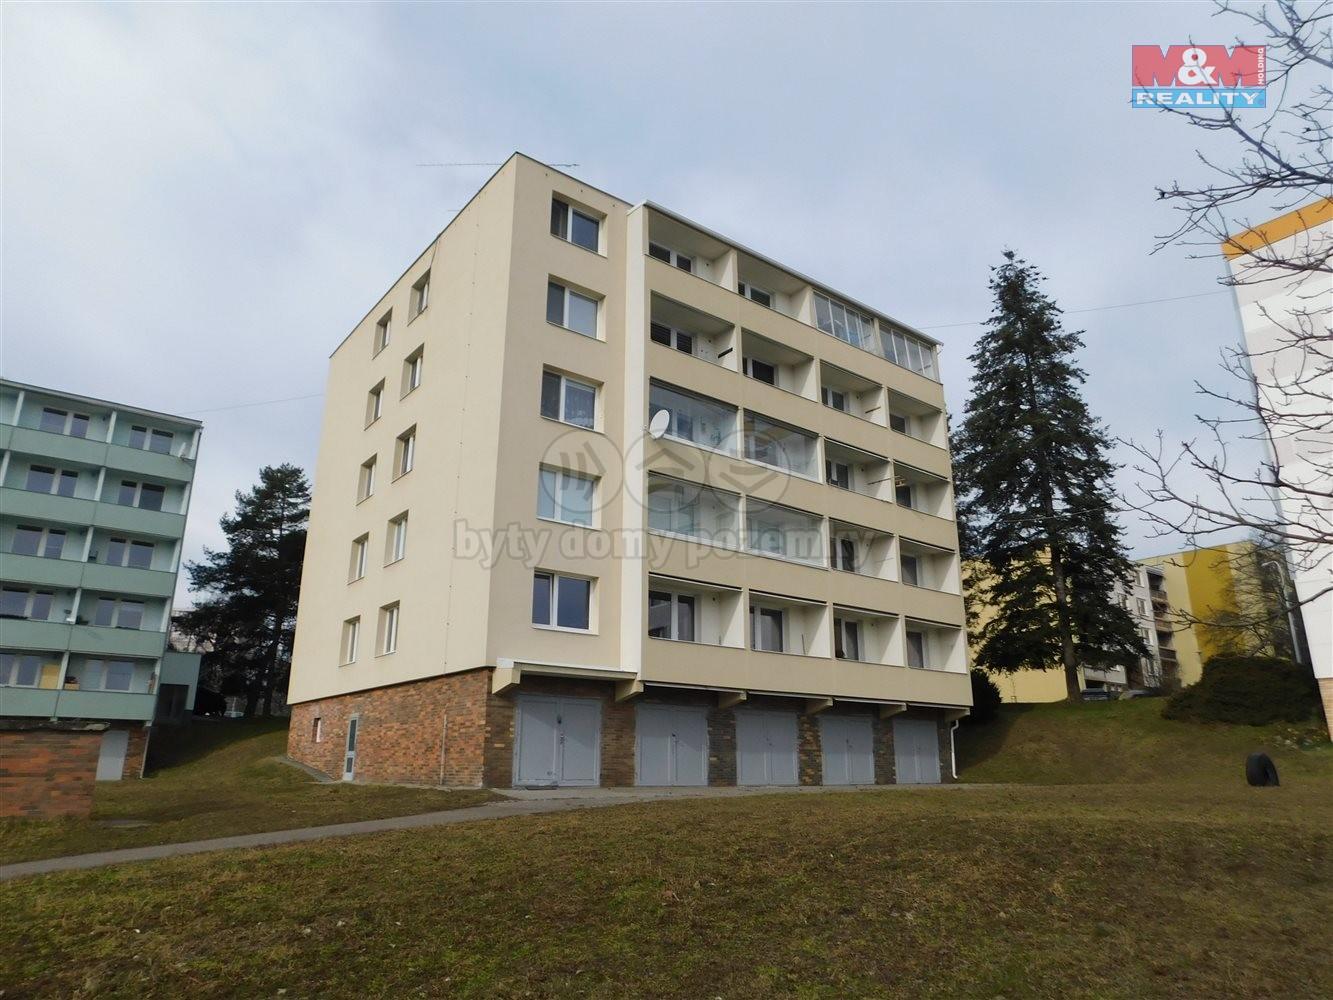 Prodej, byt 1+kk, OV, 31 m2, Brno